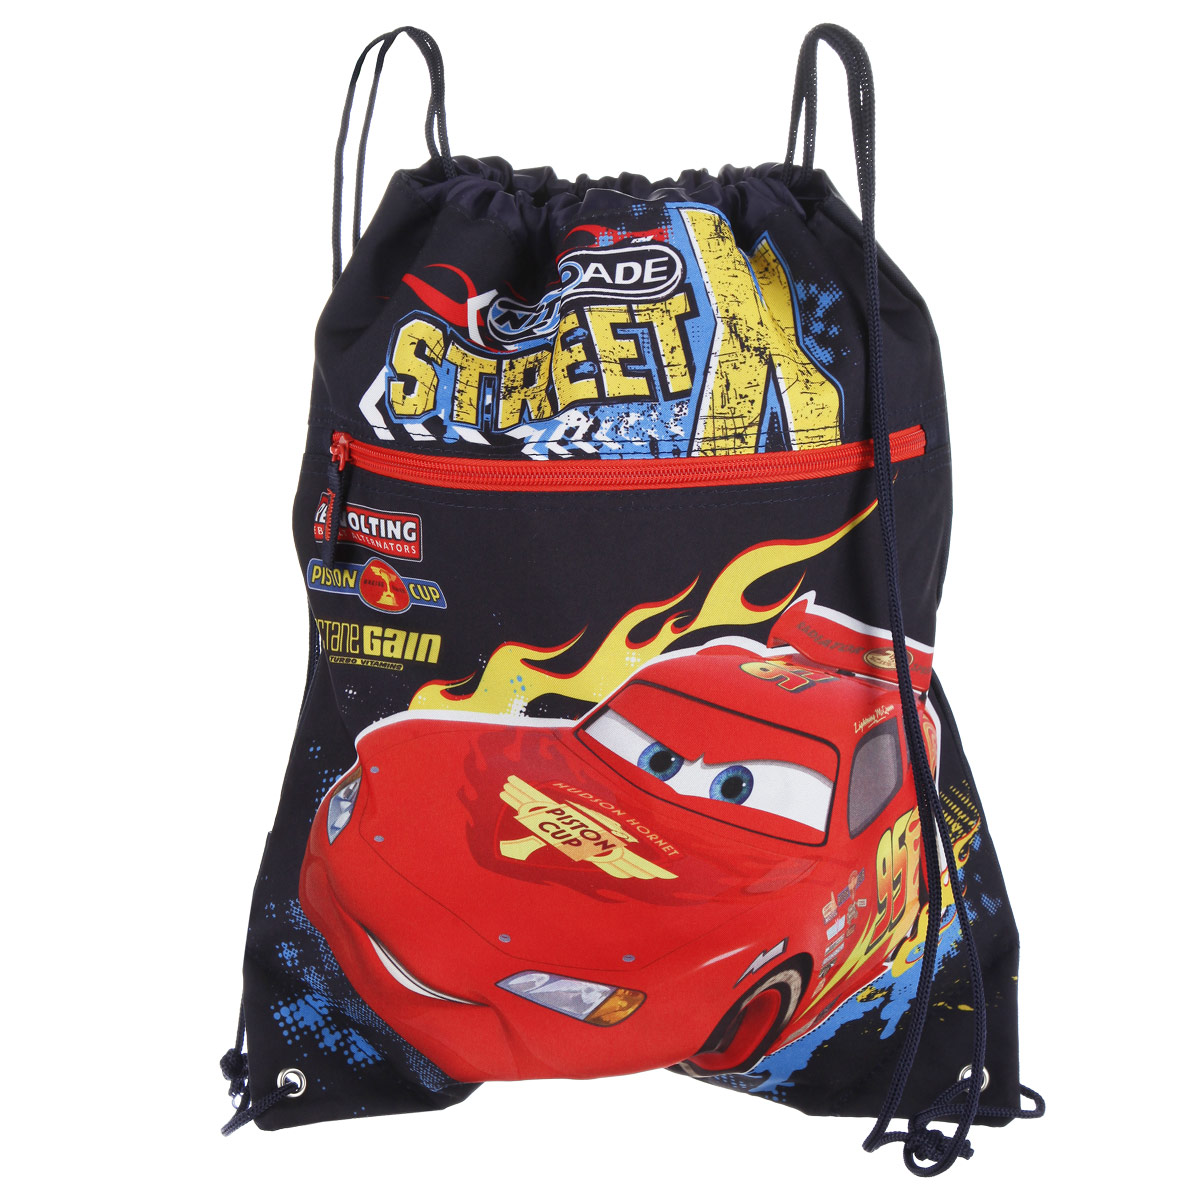 Cars Сумка-рюкзак для обуви цвет темно-синий красный CRCB-RT2-88072523WDСумка для сменной обуви Cars идеально подойдет как для хранения, так и для переноски сменной обуви и одежды. Сумка выполнена из прочного полиэстера и содержит одно вместительное отделение, затягивающееся с помощью текстильных шнурков. Шнурки фиксируются в нижней части сумки, благодаря чему ее можно носить за спиной как рюкзак. Имеется фронтальный карман на застежке-молнии.Оформлено изделие изображением персонажа мультфильма Тачки.